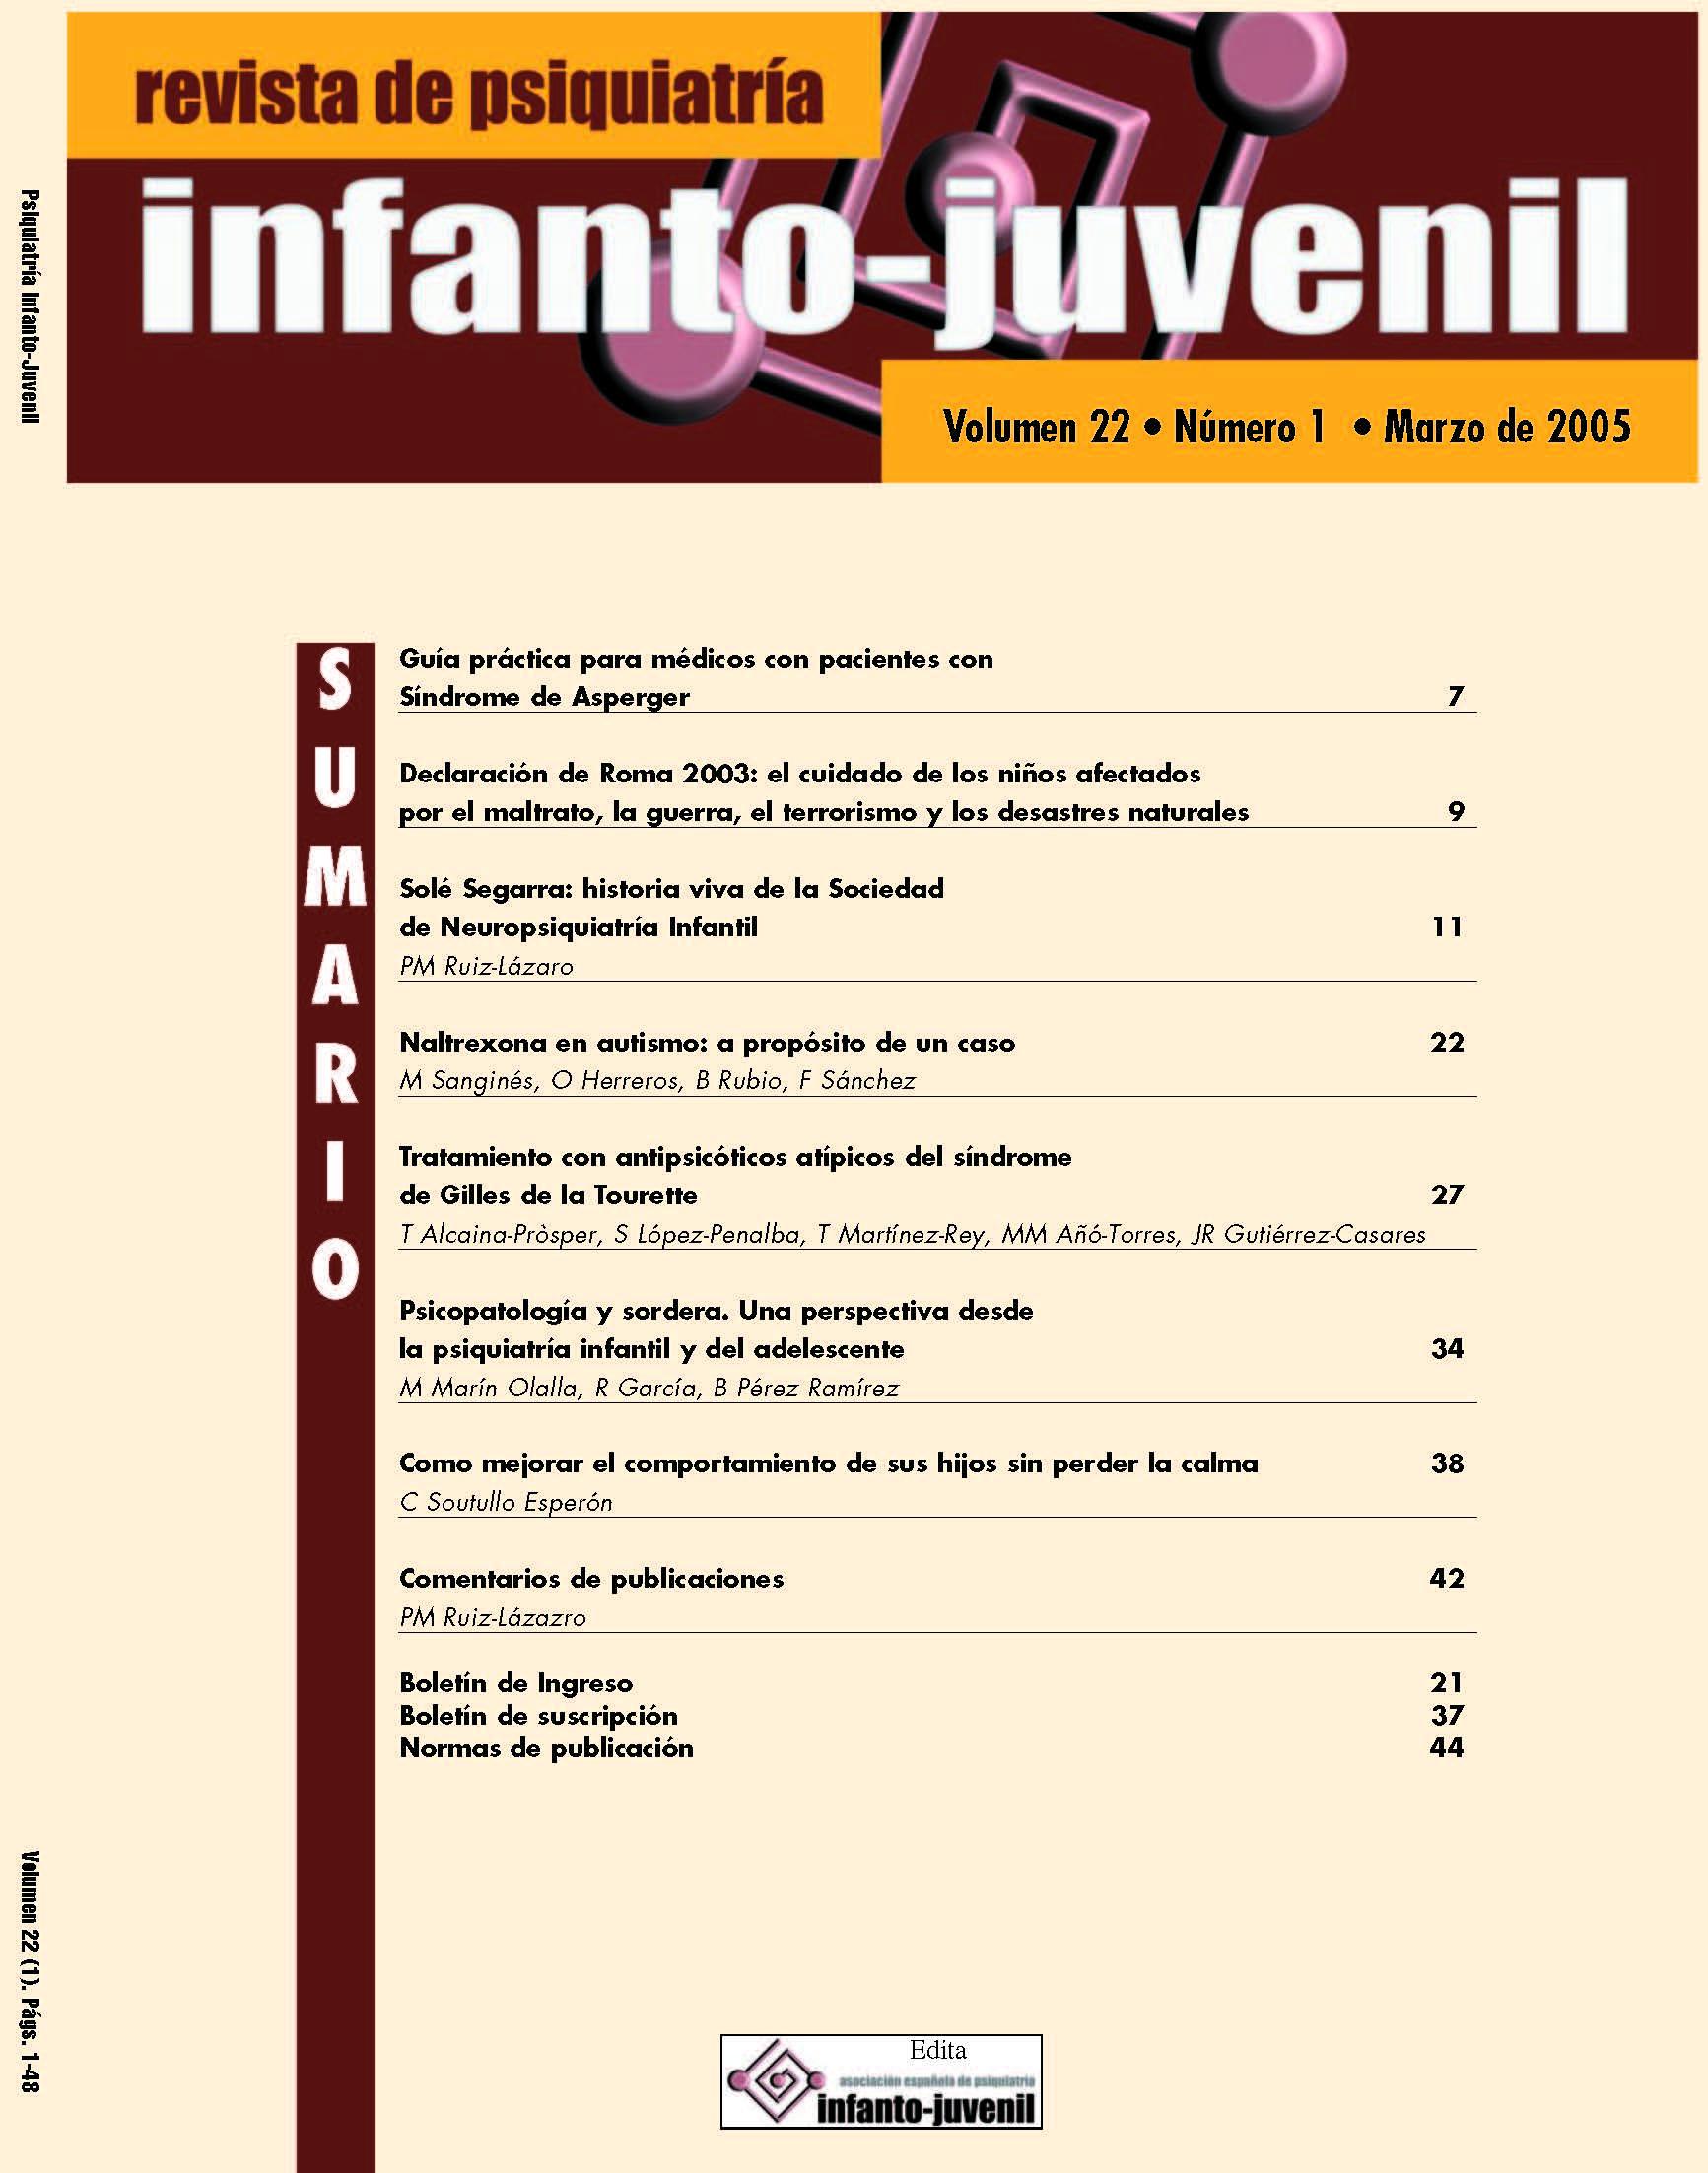 REVISTA DE PSIQUIATRÍA INFANTO-JUVENIL Número 1/2005 Enero-Marzo